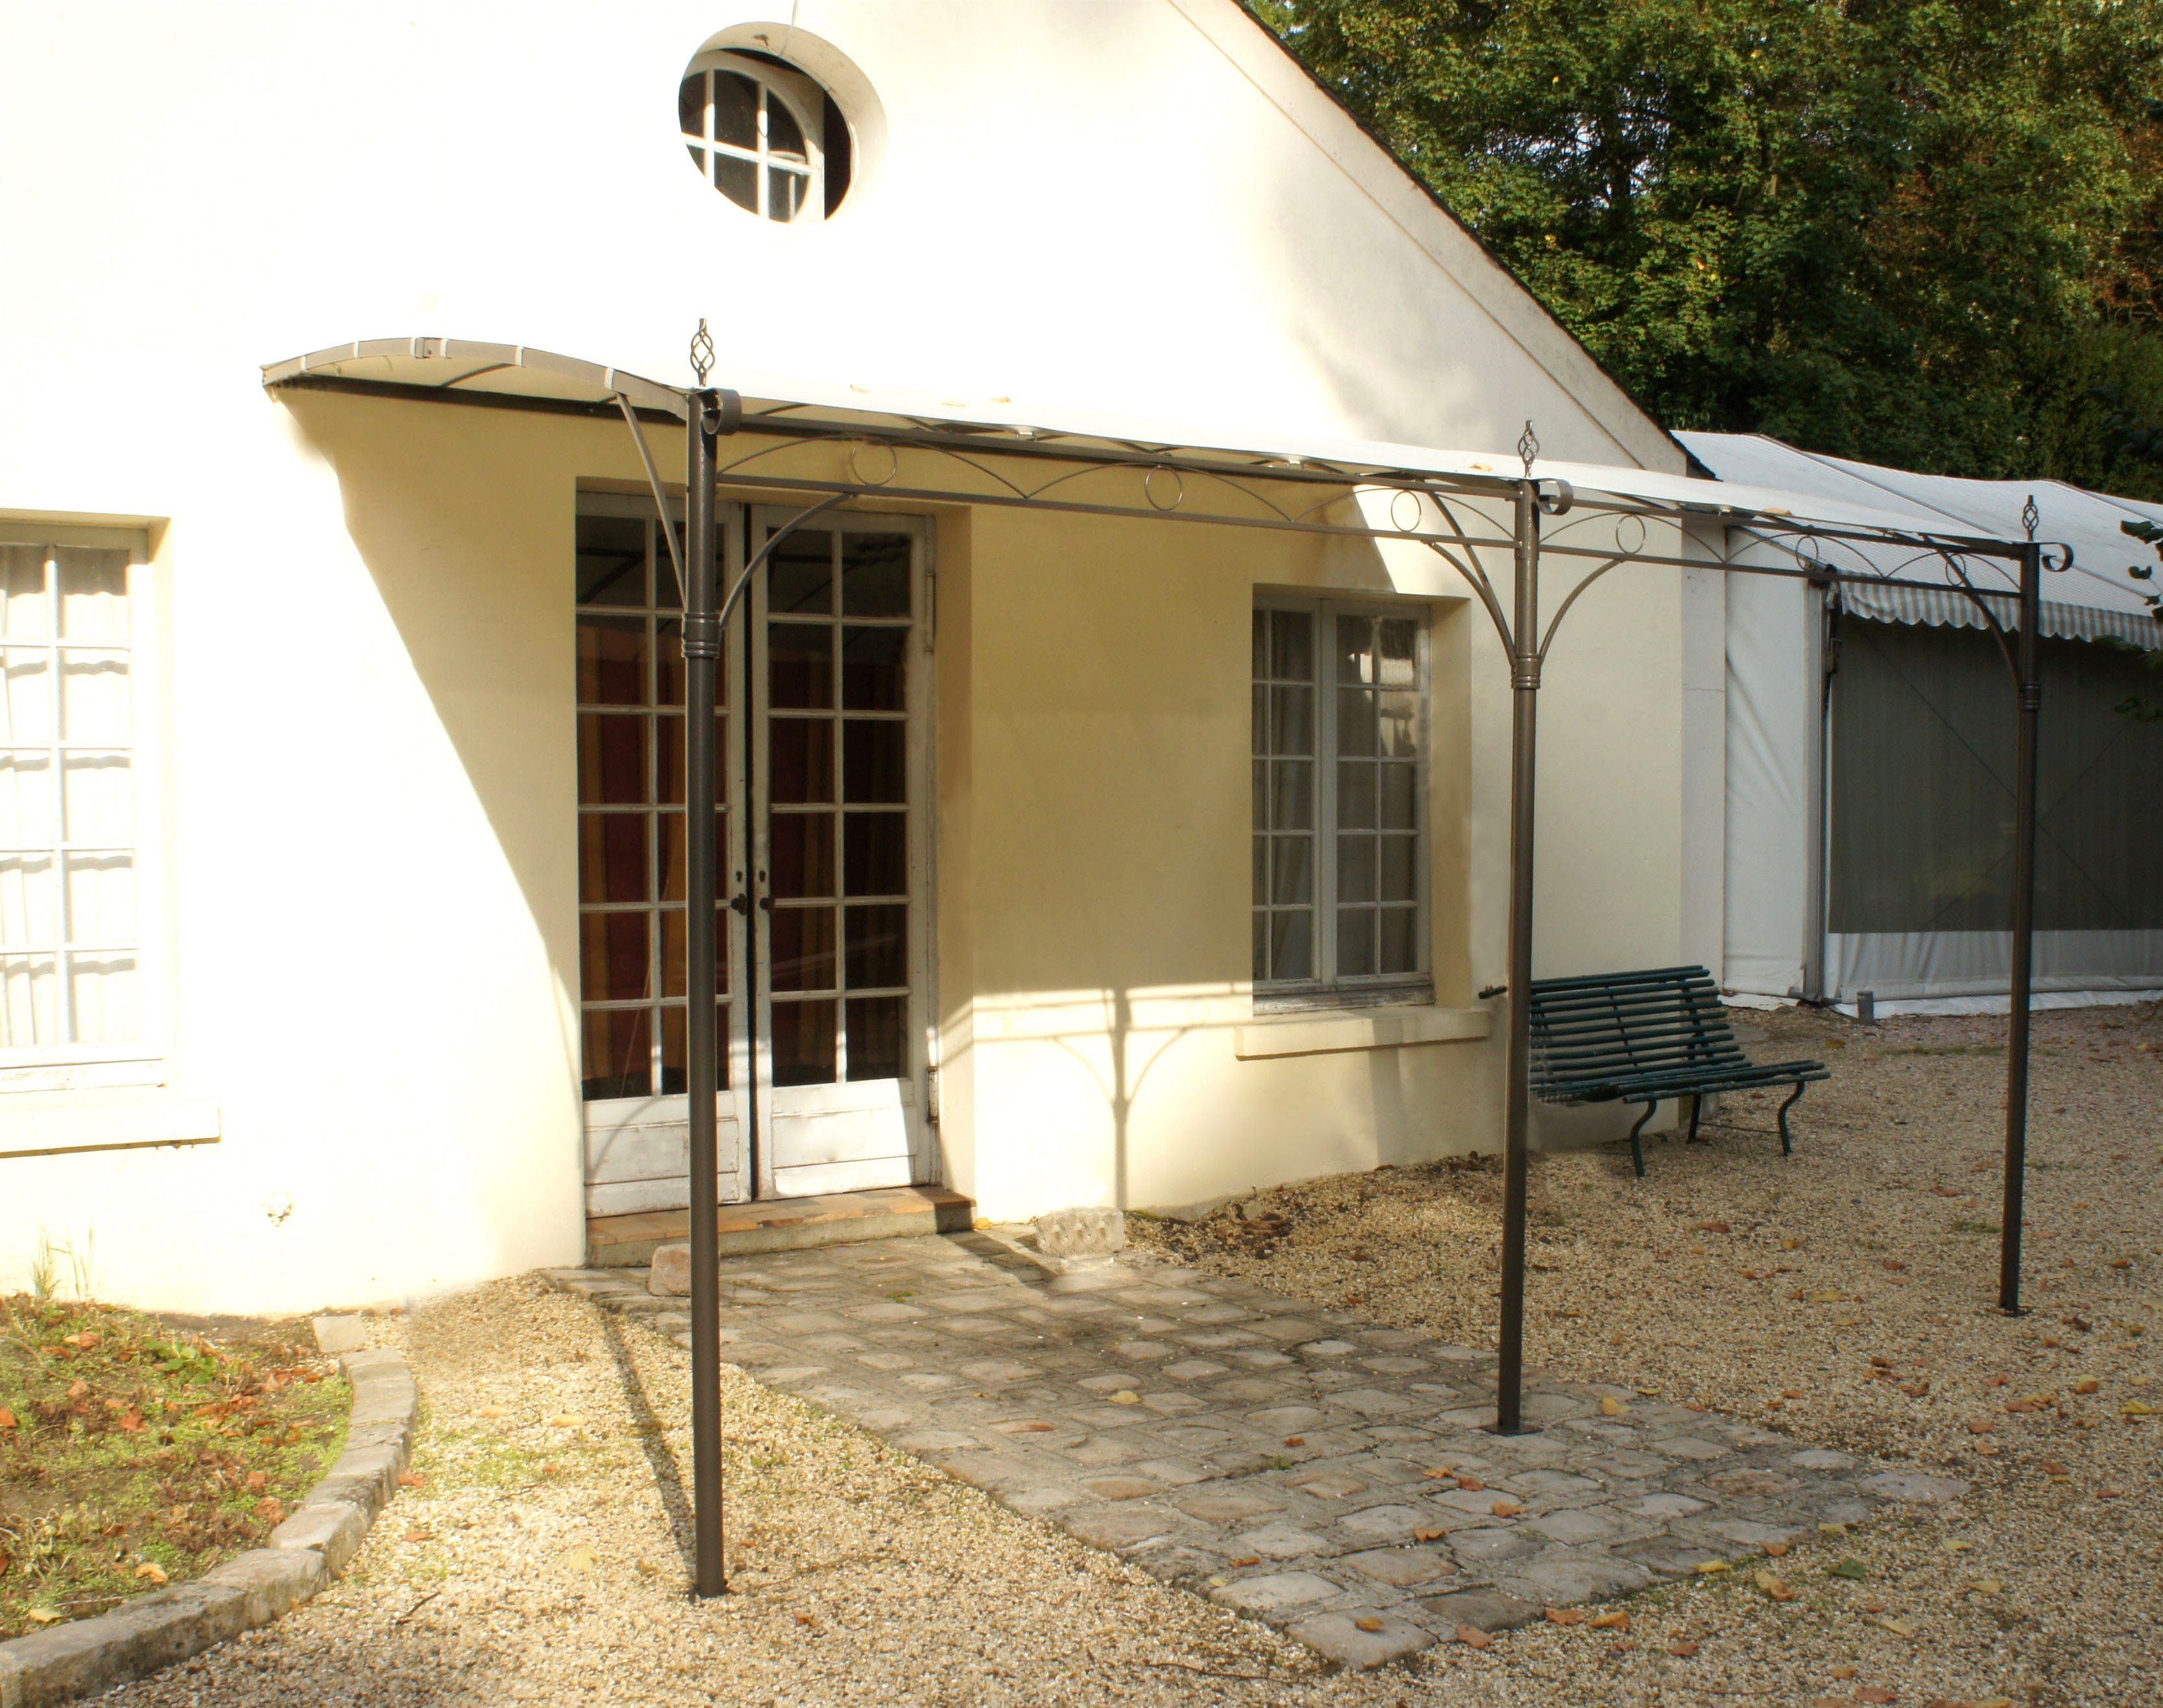 Salon De Jardin Plastique Leclerc Élégant Photos Abris De Jardin Madeira Aussi Luxueux Chalet De Jardin En Pvc De